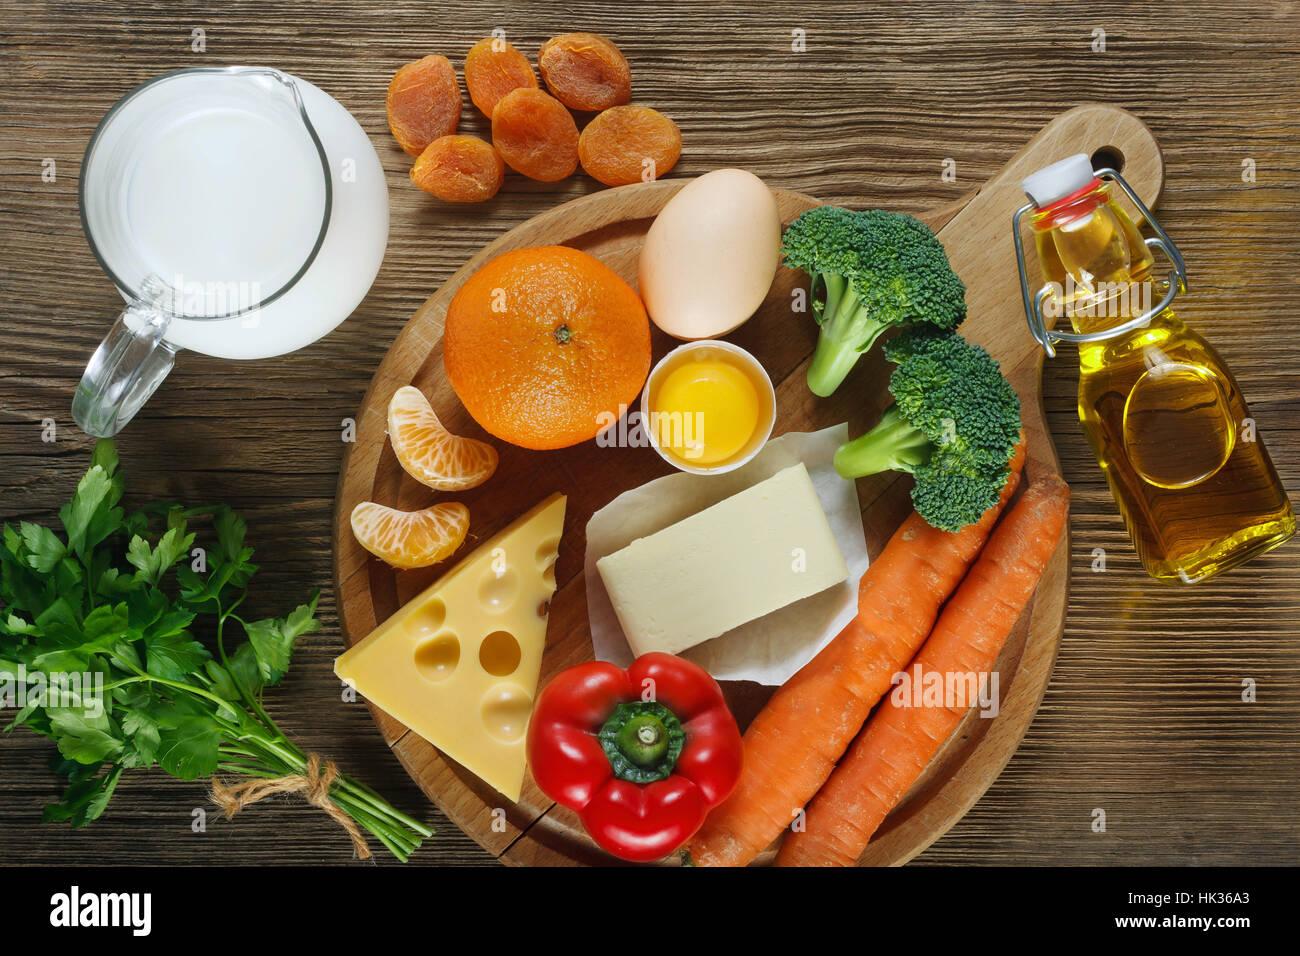 La vitamina A en los alimentos. Imagen De Stock